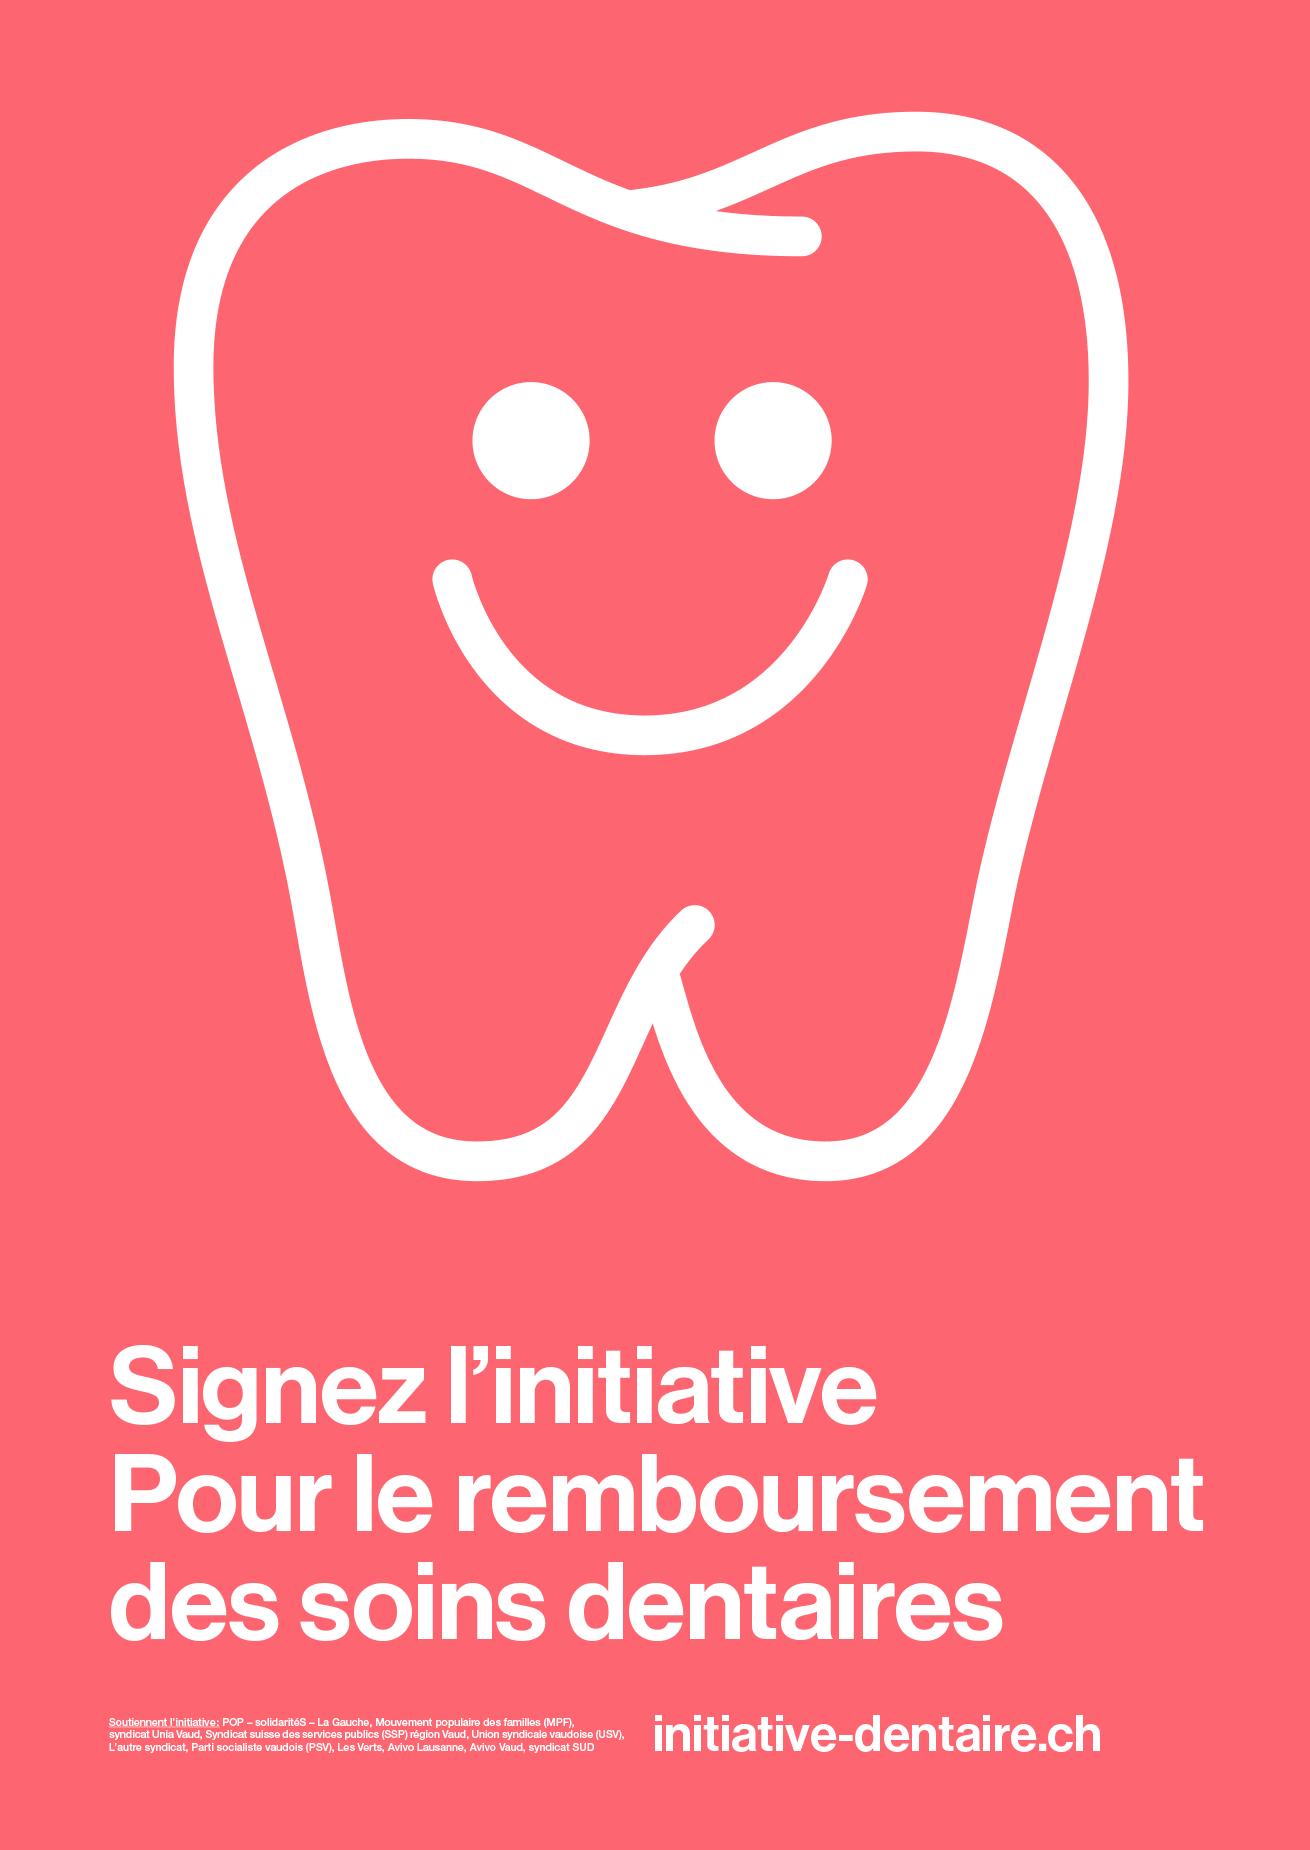 Logo et affiche pour la campagne de récolte de signatures pour une initiative pour que les soins dentaires importants soient remboursés.